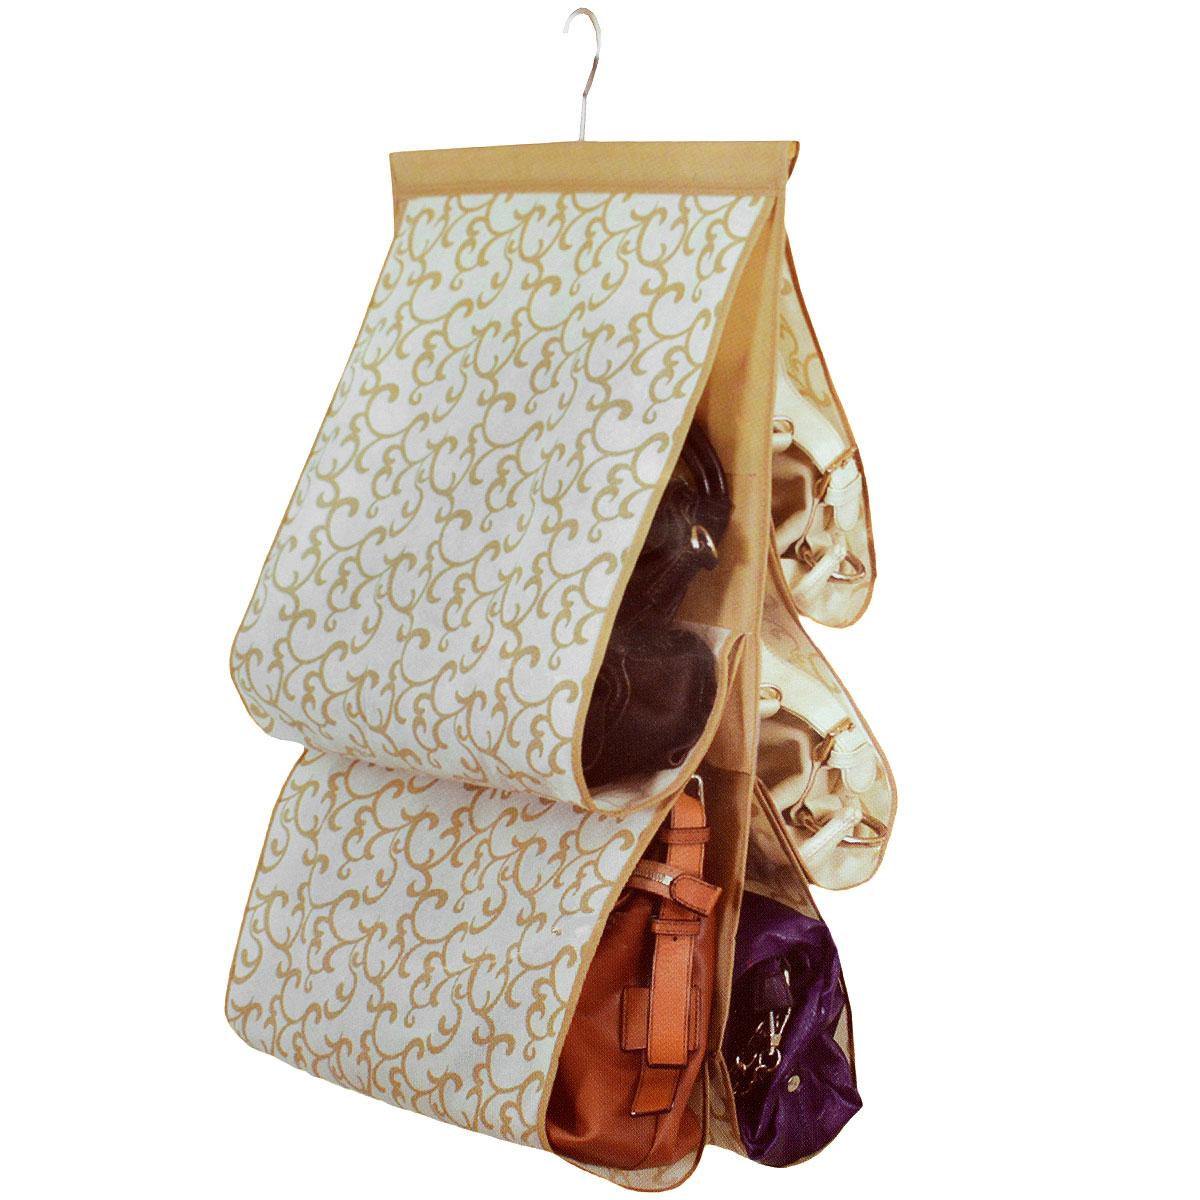 Чехол для хранения сумок Hausmann, 42 х 72 см3A-34272PЧехол для хранения сумок Hausmann изготовлен из полиэстера. Чехол имеет 5 отделений. Чехол можно повесить в удобное место за крючок, который крепиться к деревянной перекладине. Чехол для хранения сумок Hausmann экономит место в шкафу и сохраняет порядок в доме. Практичный и удобный чехол для хранения сумок.